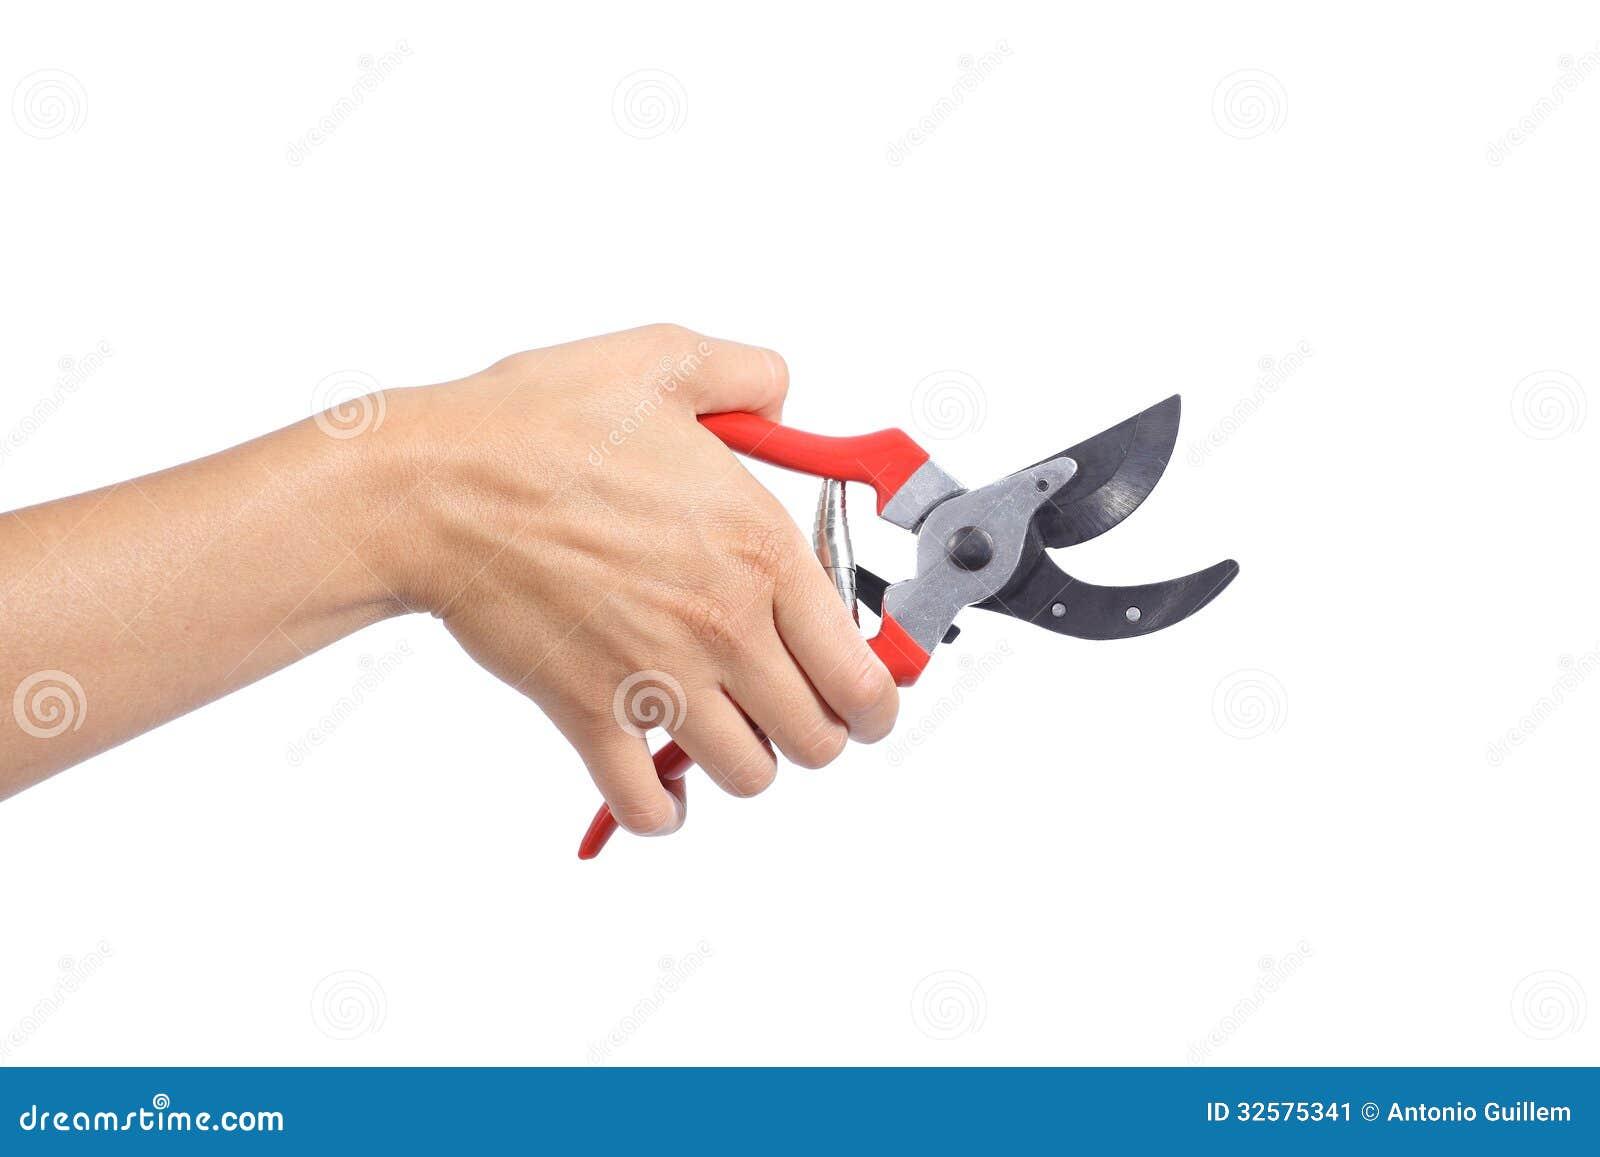 Mano de la mujer sosteniendo las tijeras de podar abiertas - Tijeras para podar ...